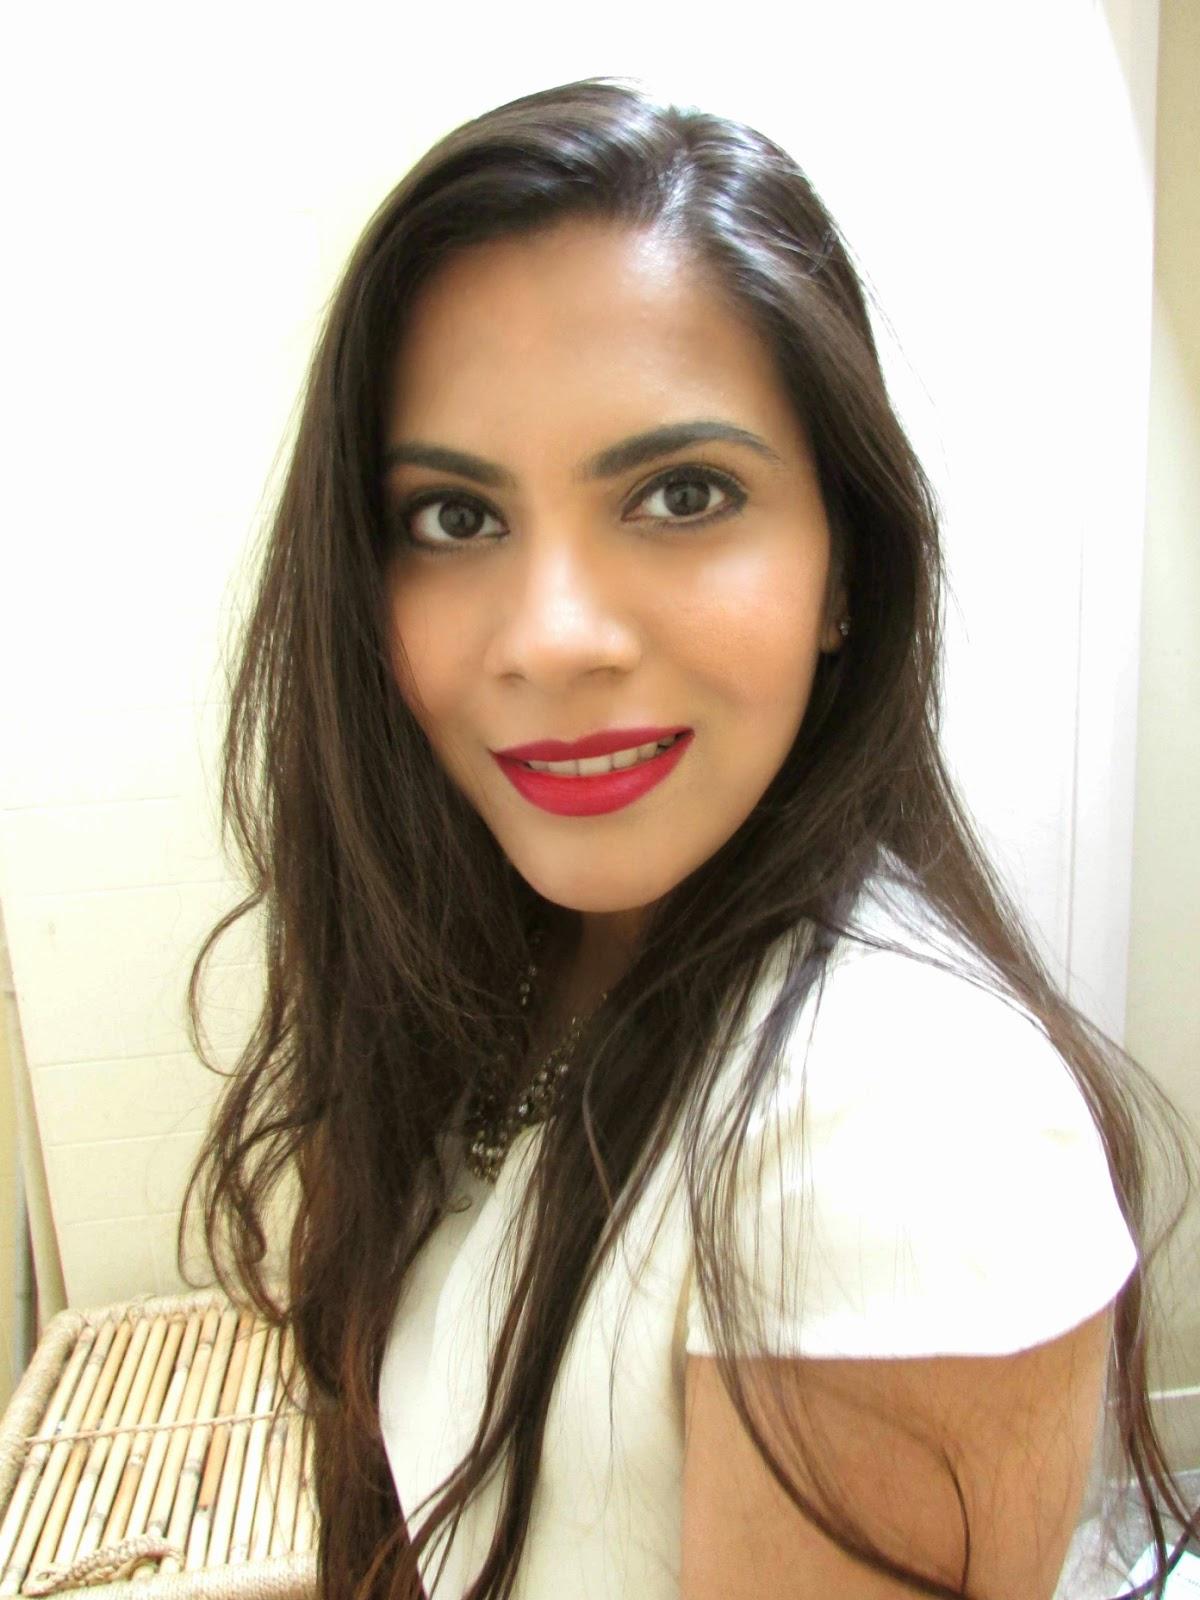 Loreal lipsticks,Loreal lipsticks,Loreal lip colours,Loreal lipcolour,Loreal cosmetics,drugstore makeup,makeup,beauty,makeup and beauty,Loreal makeup,Loreal ,Loreal india,cosmetics in india,Loreal cosmetics in india,Loreal india lipsticks,drugstore lipsticks,pink lipsticks,phushia pink lipstics,Loreal 2014,Loreallipsticks2014,Loreal colour sensational lipsticks,summer2014 lipstick trends,perfect pink lipstick in low cost,low cost lipsticks,affortable pink lipsticks,affordable corel pink lipstick,coral pink lipstick india,cost of coral pink lipstick in india,where to find coral pink lipstick in india,Loreal coral pink lipstick,Loreal color sensational lipstick,Loreal color sensational lipstick in india,Loreal colour sensational lipstick price in india,Loreal color sensational lipstick review,Loreal color sensational price in india,Loreal color sensational review ,Loreal colour sensational price,Loreal color sensational avaliability in india,colour sensational lipstick by Loreal,colour sensational the shine lipstick by Loreal,color sensational the shine lipstick price in india,Loreal color sensational the shine price in india,Loreal color sensational the shine lipstick review,what is the difference between Loreal colour sensational and Loreal colour sensational the shine lipstick, colour sensational perfect coral pink, coral pink lipstick by Loreal , colour sensational the shine by Loreal ,colour sensational the shine in india,Loreal color sensational the shine price in india,coral pink lipstick,coral pink lipstick at cheap prices,coral pink lipstick in india,affortabe coral pink lipstick in india,Loreal coral pink lipstick in india,latest lipsticks by Loreal,top trends2014,top summer lipstick 2014,spring lipstick 2014,maybelline lipstick in coral pink,maybelline color sensational lipstick in coral pink,Loreal color sensational the shine lipstick in coral pink,makeup,beauty,lipstick,lipstick review,beauty blog,makeup blog,blog for makeup lovers,summer trends2014,sprin